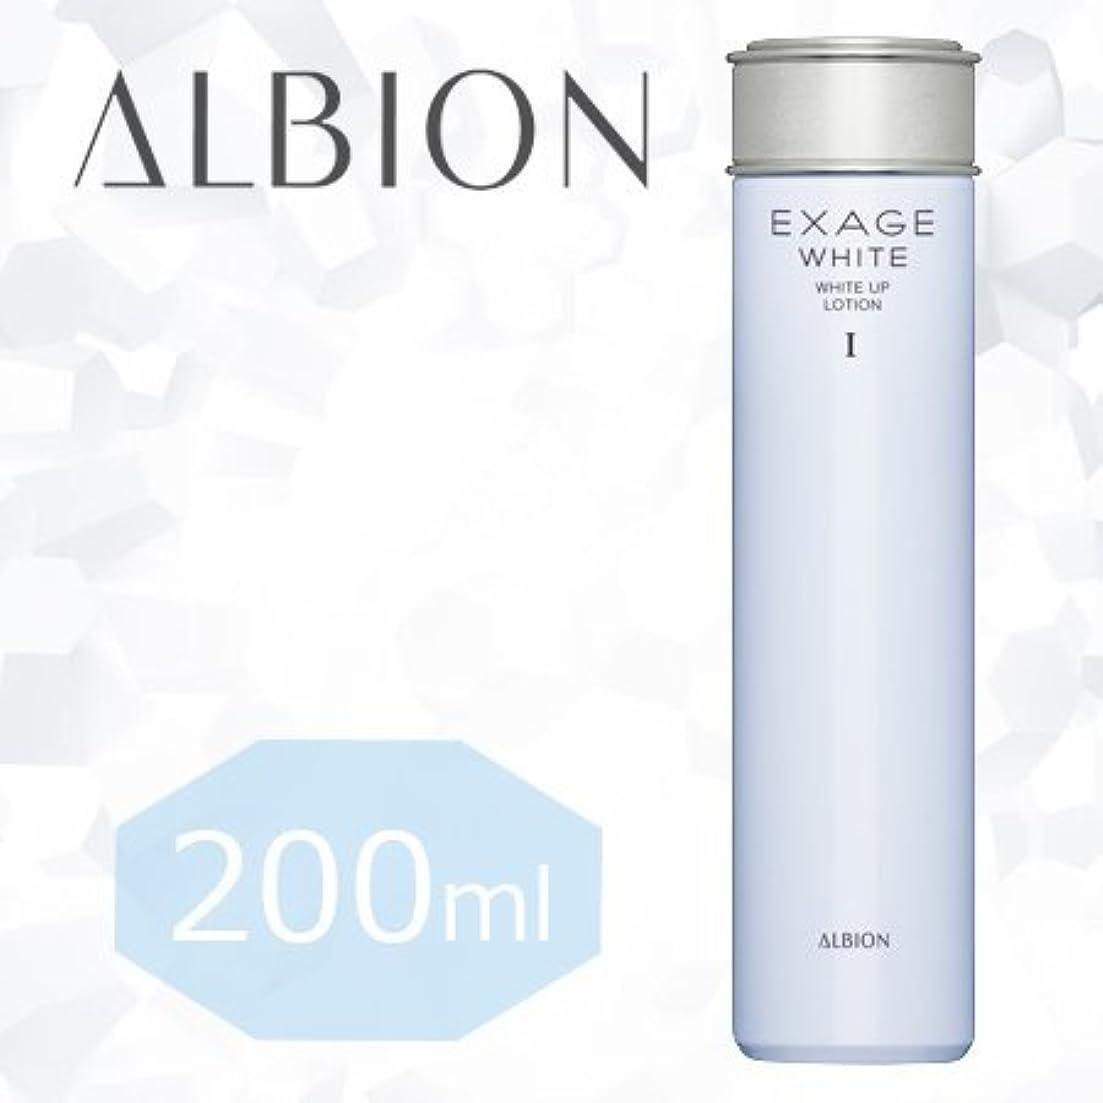 ライラック記憶酸素アルビオン エクサージュ ホワイトアップ ローション 200g (Ⅰ)